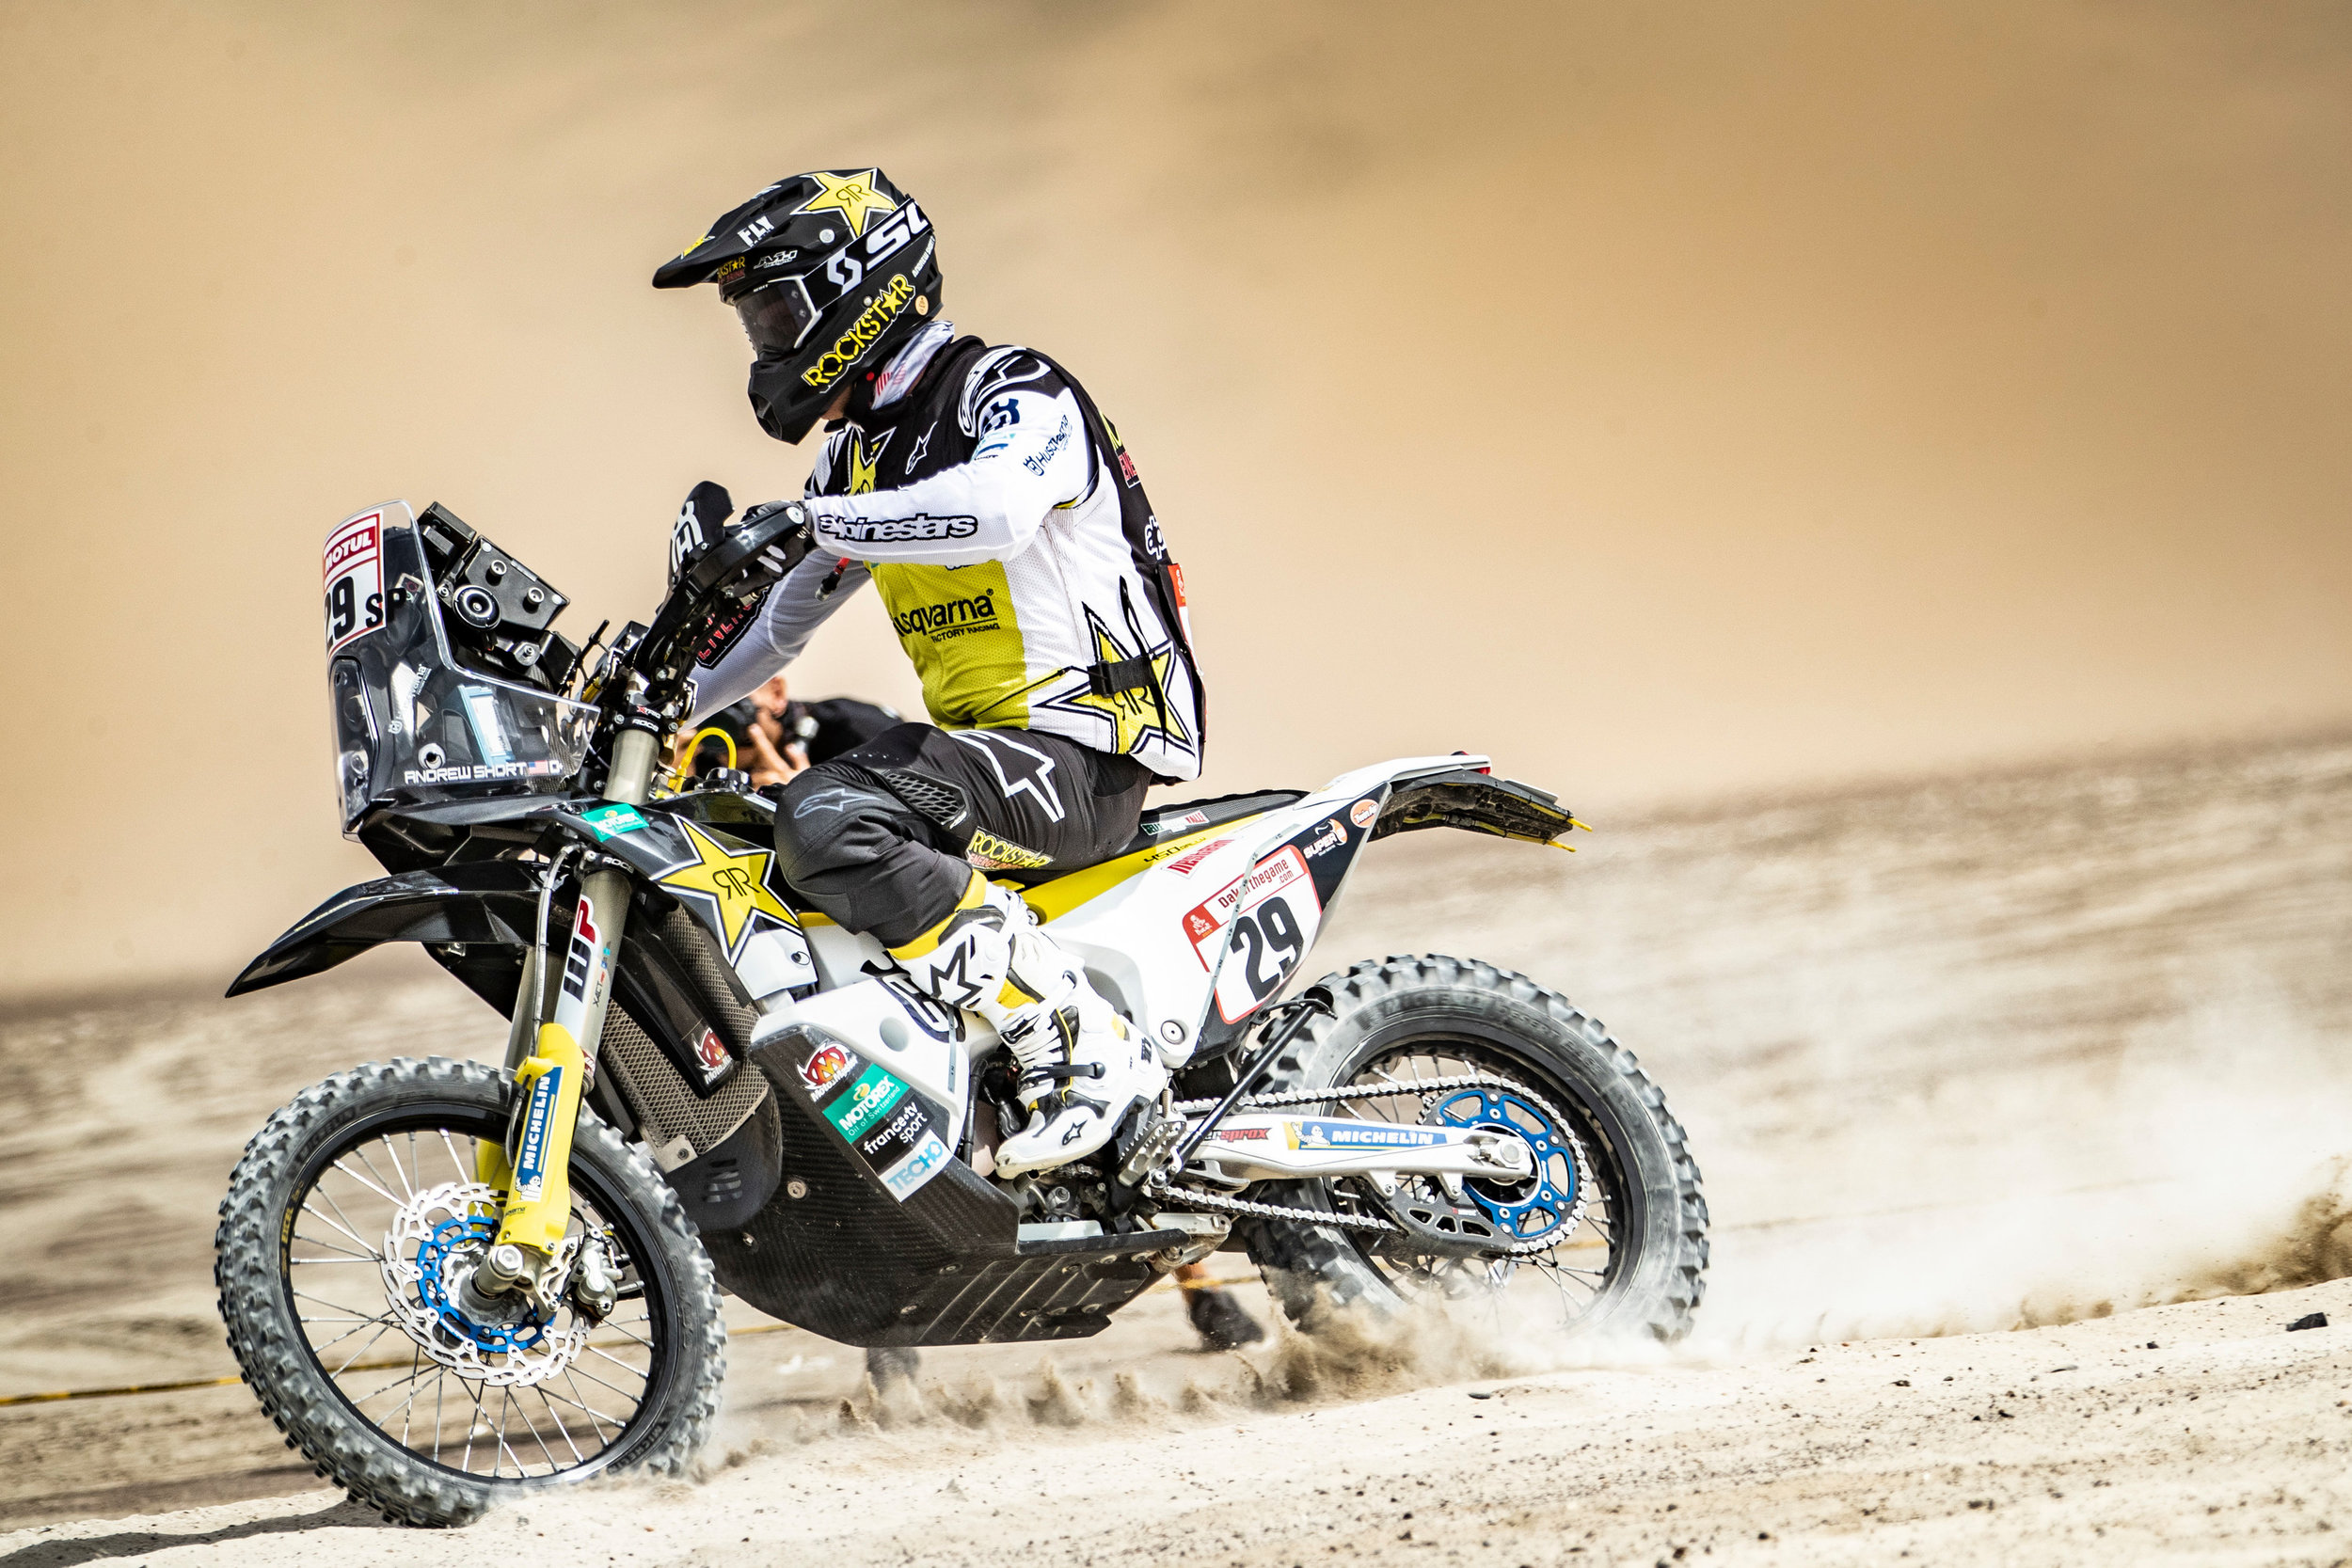 55481_andrew.short_stage2_Rockstar Energy Husqvarna Factory Racing_Dakar2019_046.jpg